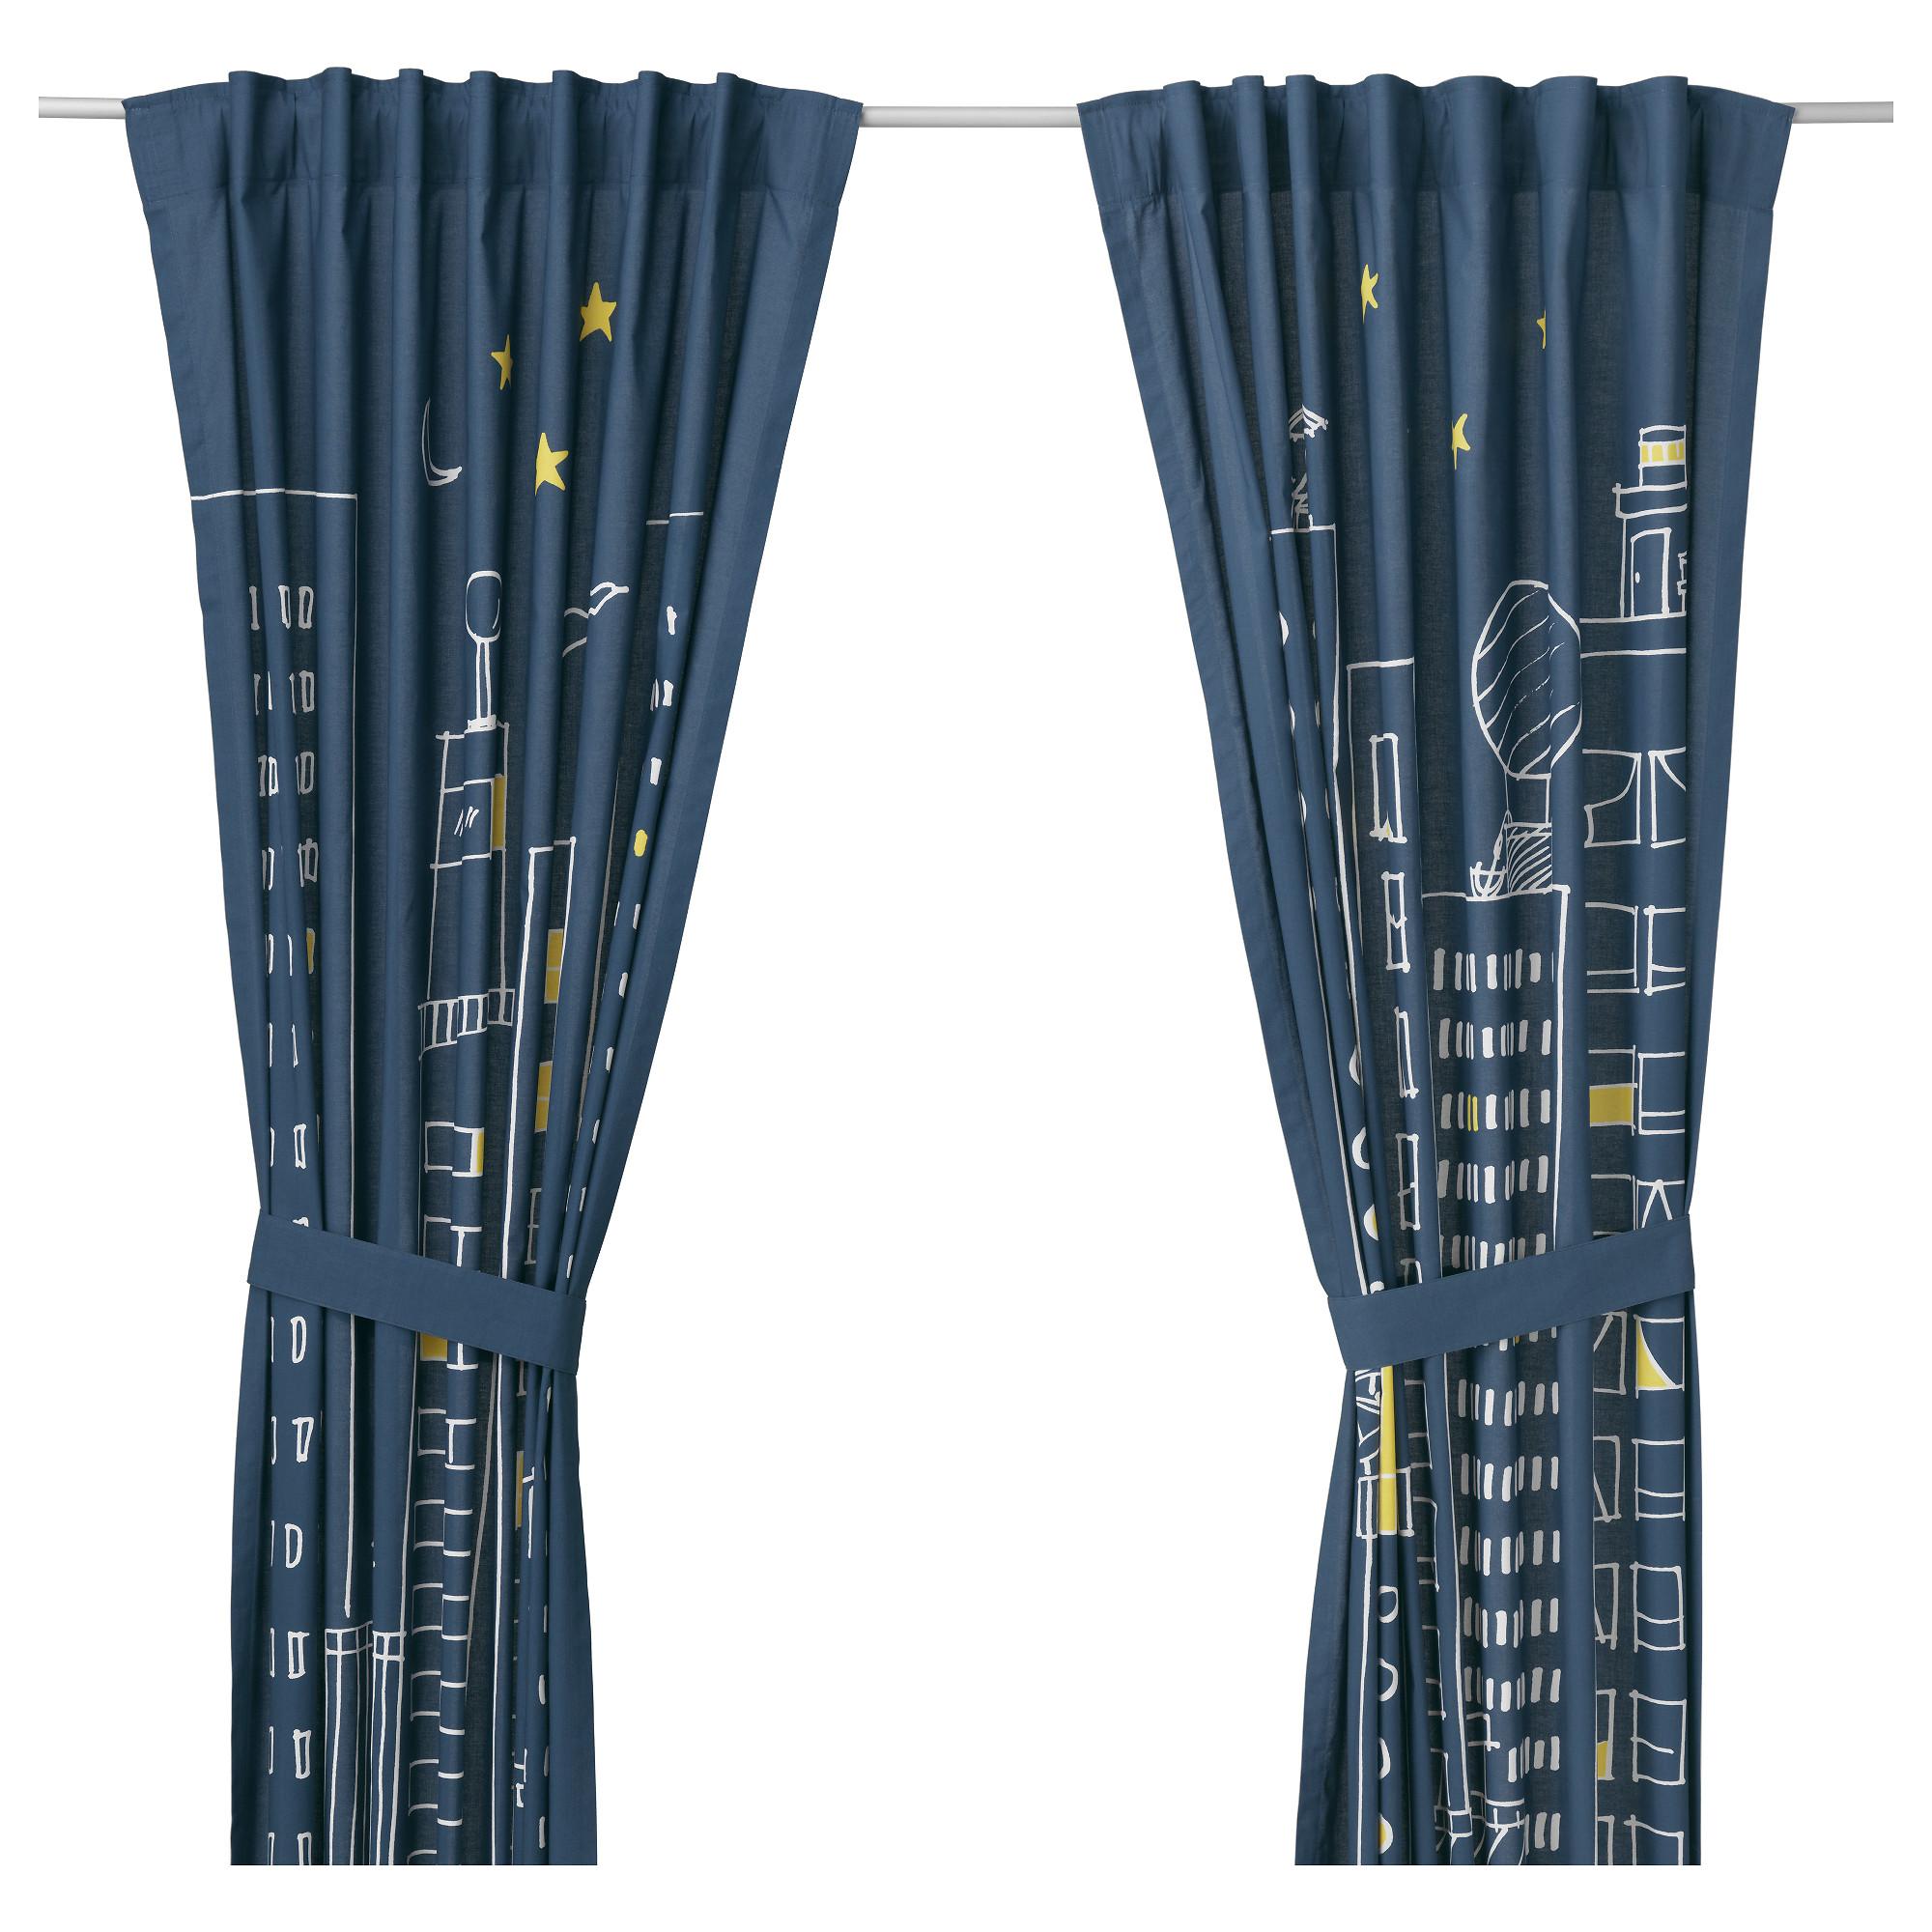 Kohls Drapes | Burgundy Blackout Curtains | Eclipse Curtains Part 98